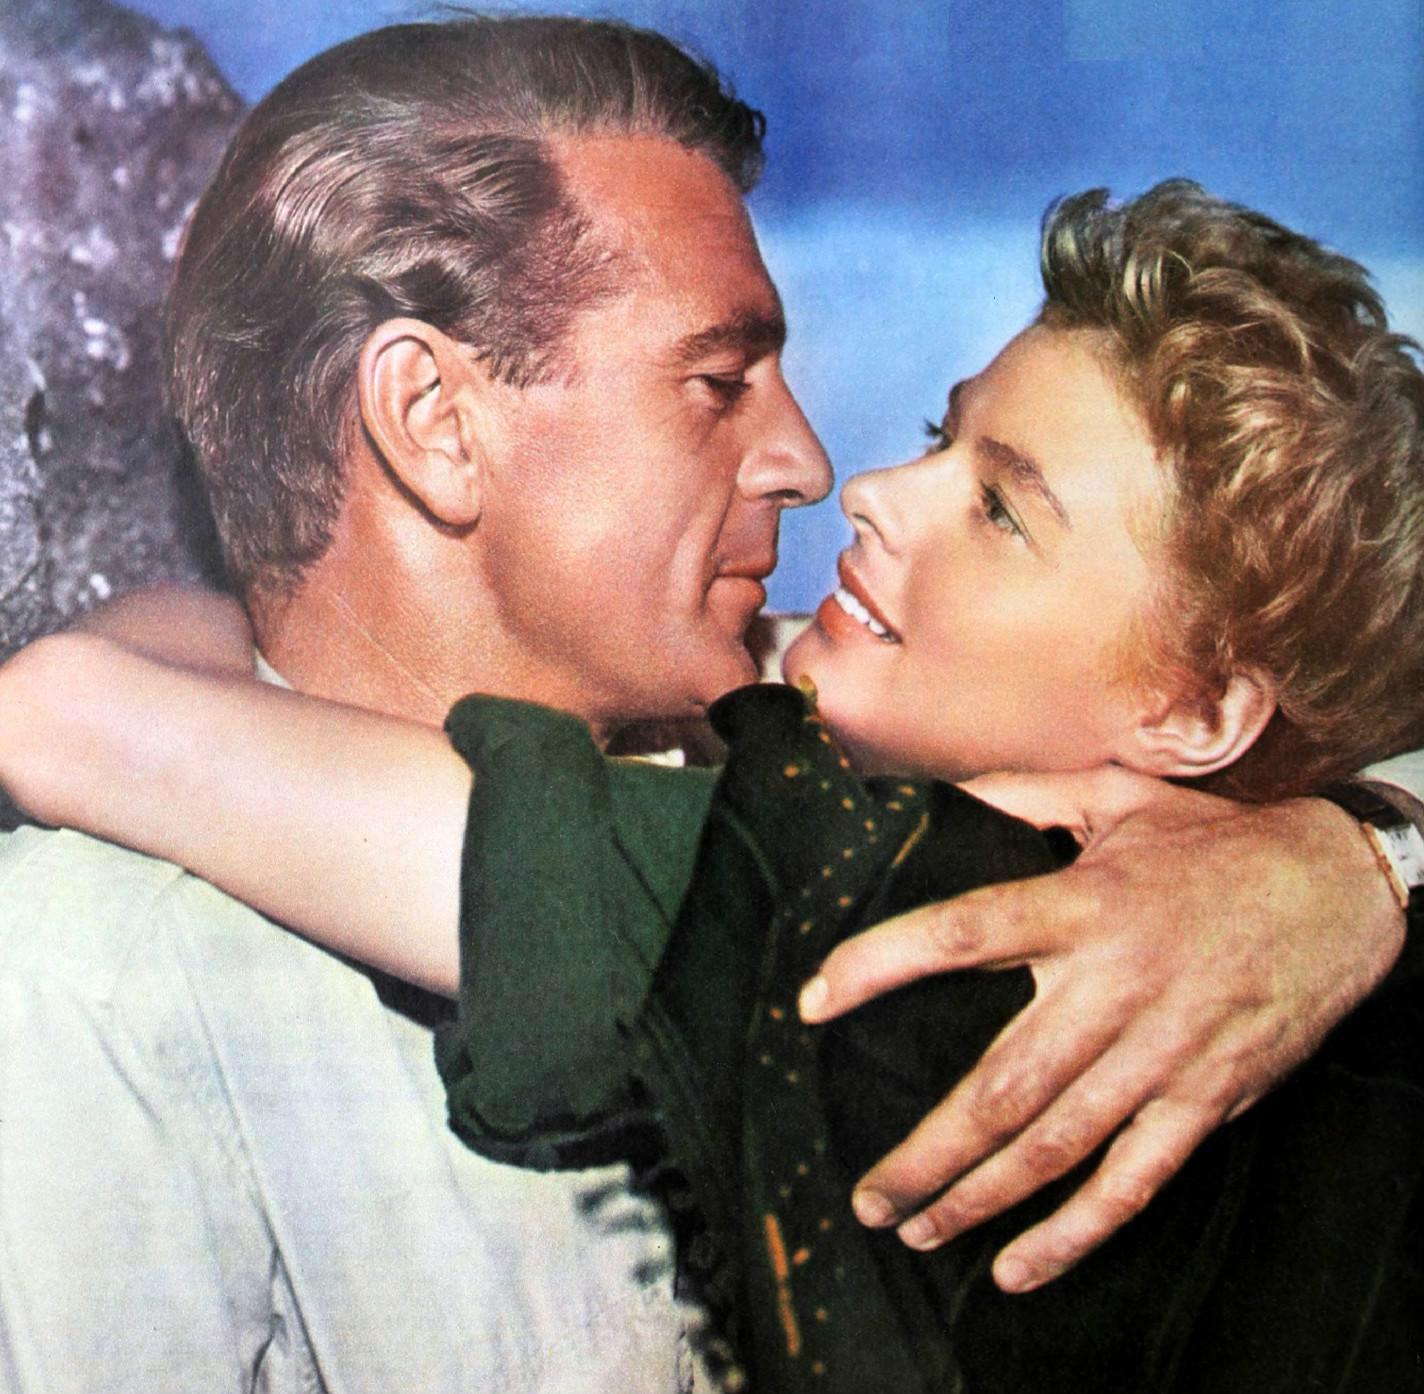 Risultati immagini per per chi suona la campana? film 1943